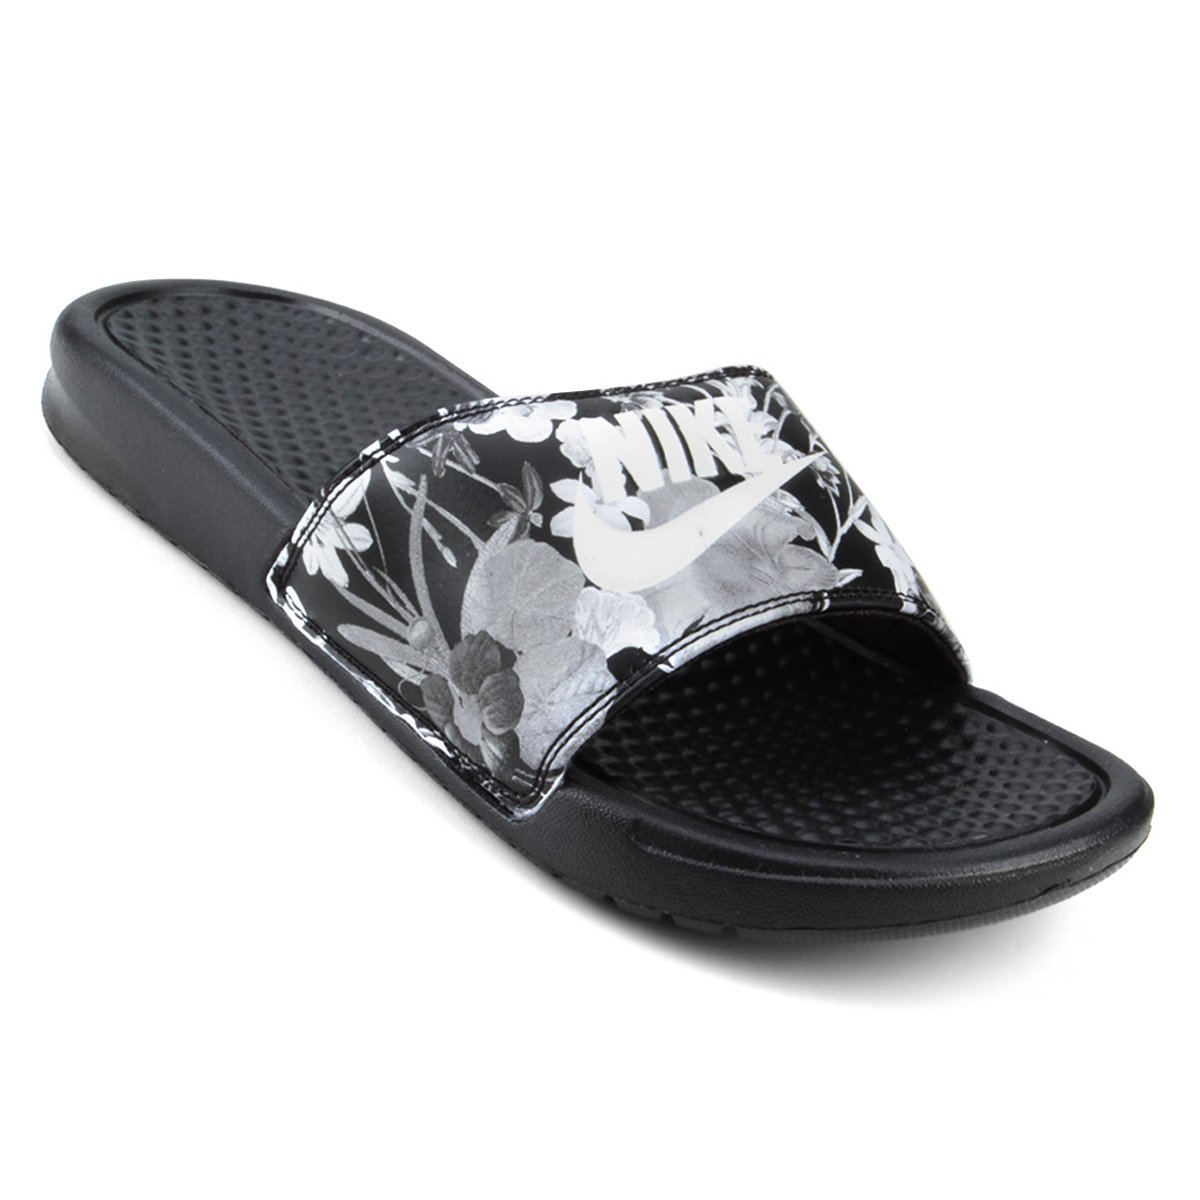 Chinelo Nike Benassi JDI Print Black/Summit White Noir/Blanc Sommet